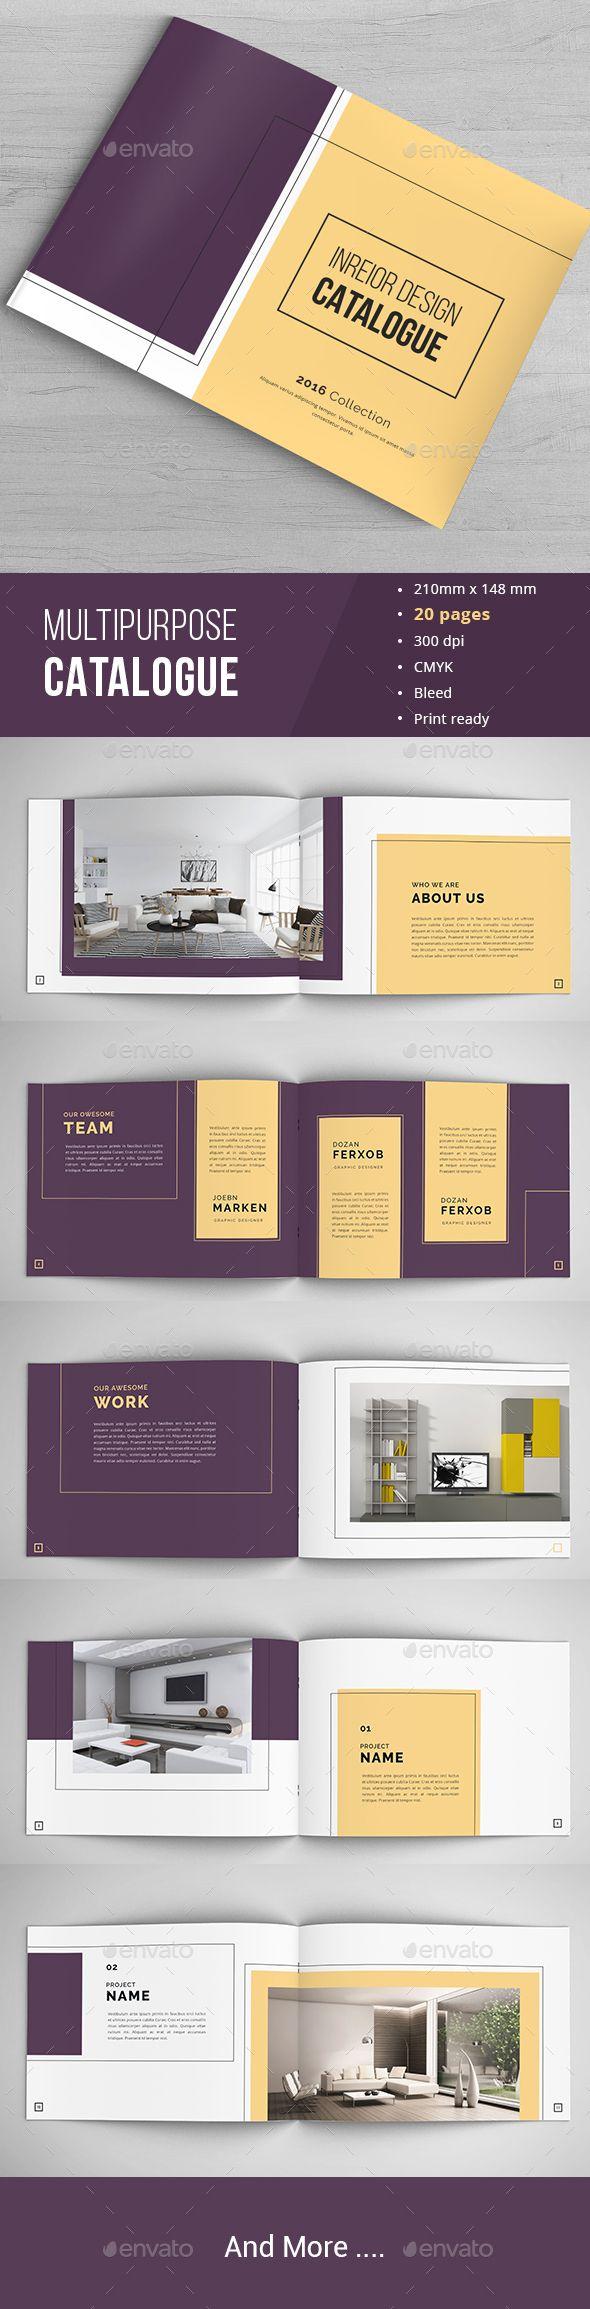 Minimal Indesign Catalogue | Portafolio